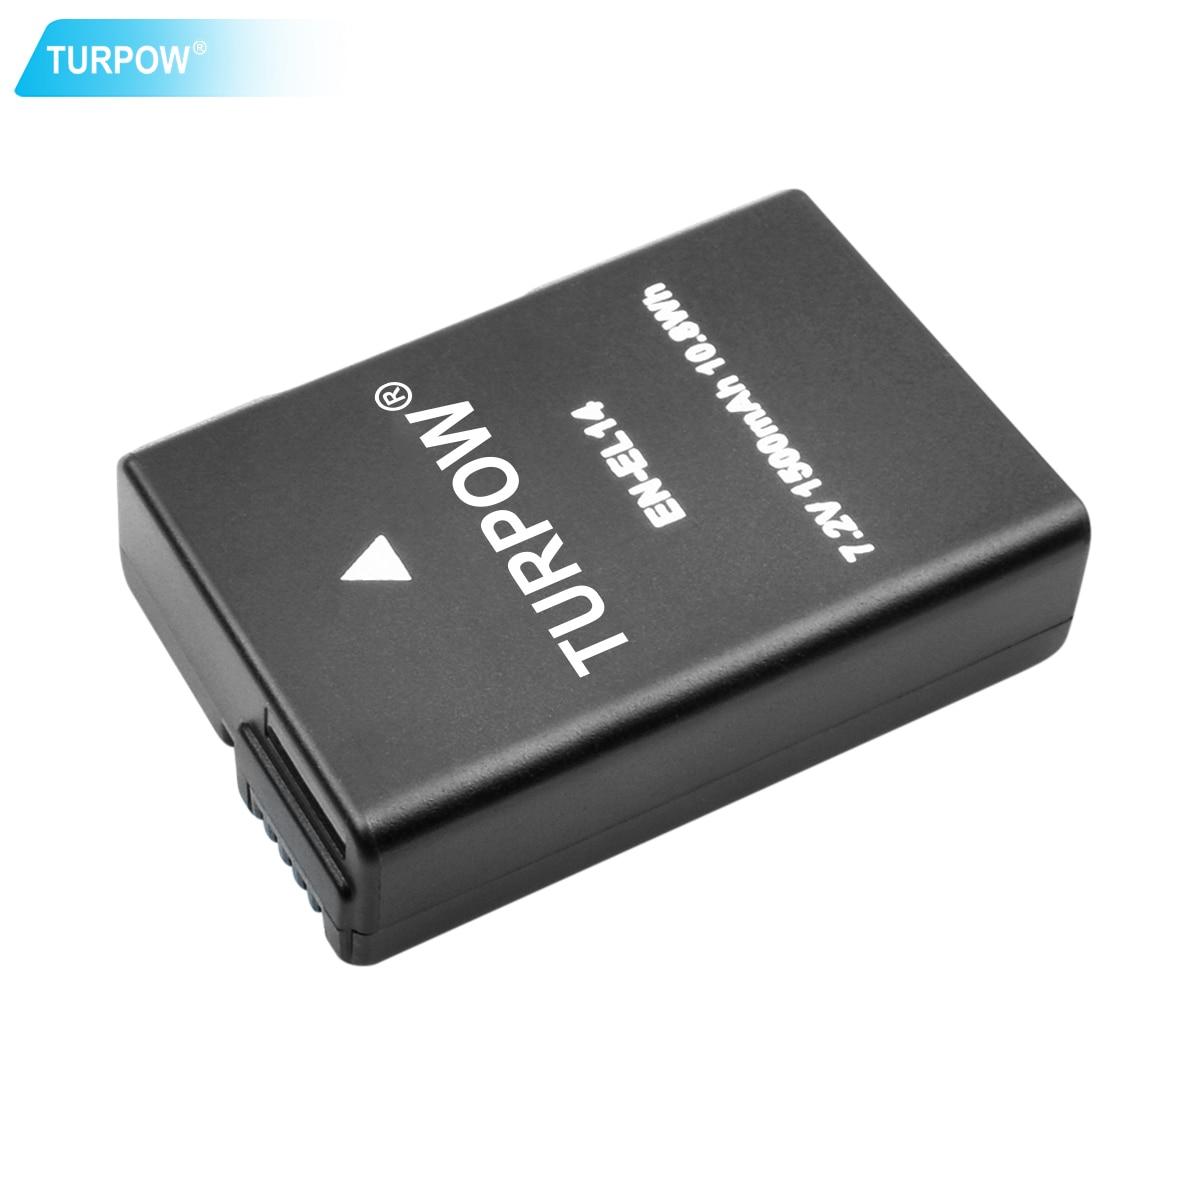 Turpow EN-EL14 EN EL14 EN-EL14a ENEL14 EL14a batería + cargador USB LCD repla para cámara Nikon P7800, P7700, P7100, P7000, D550